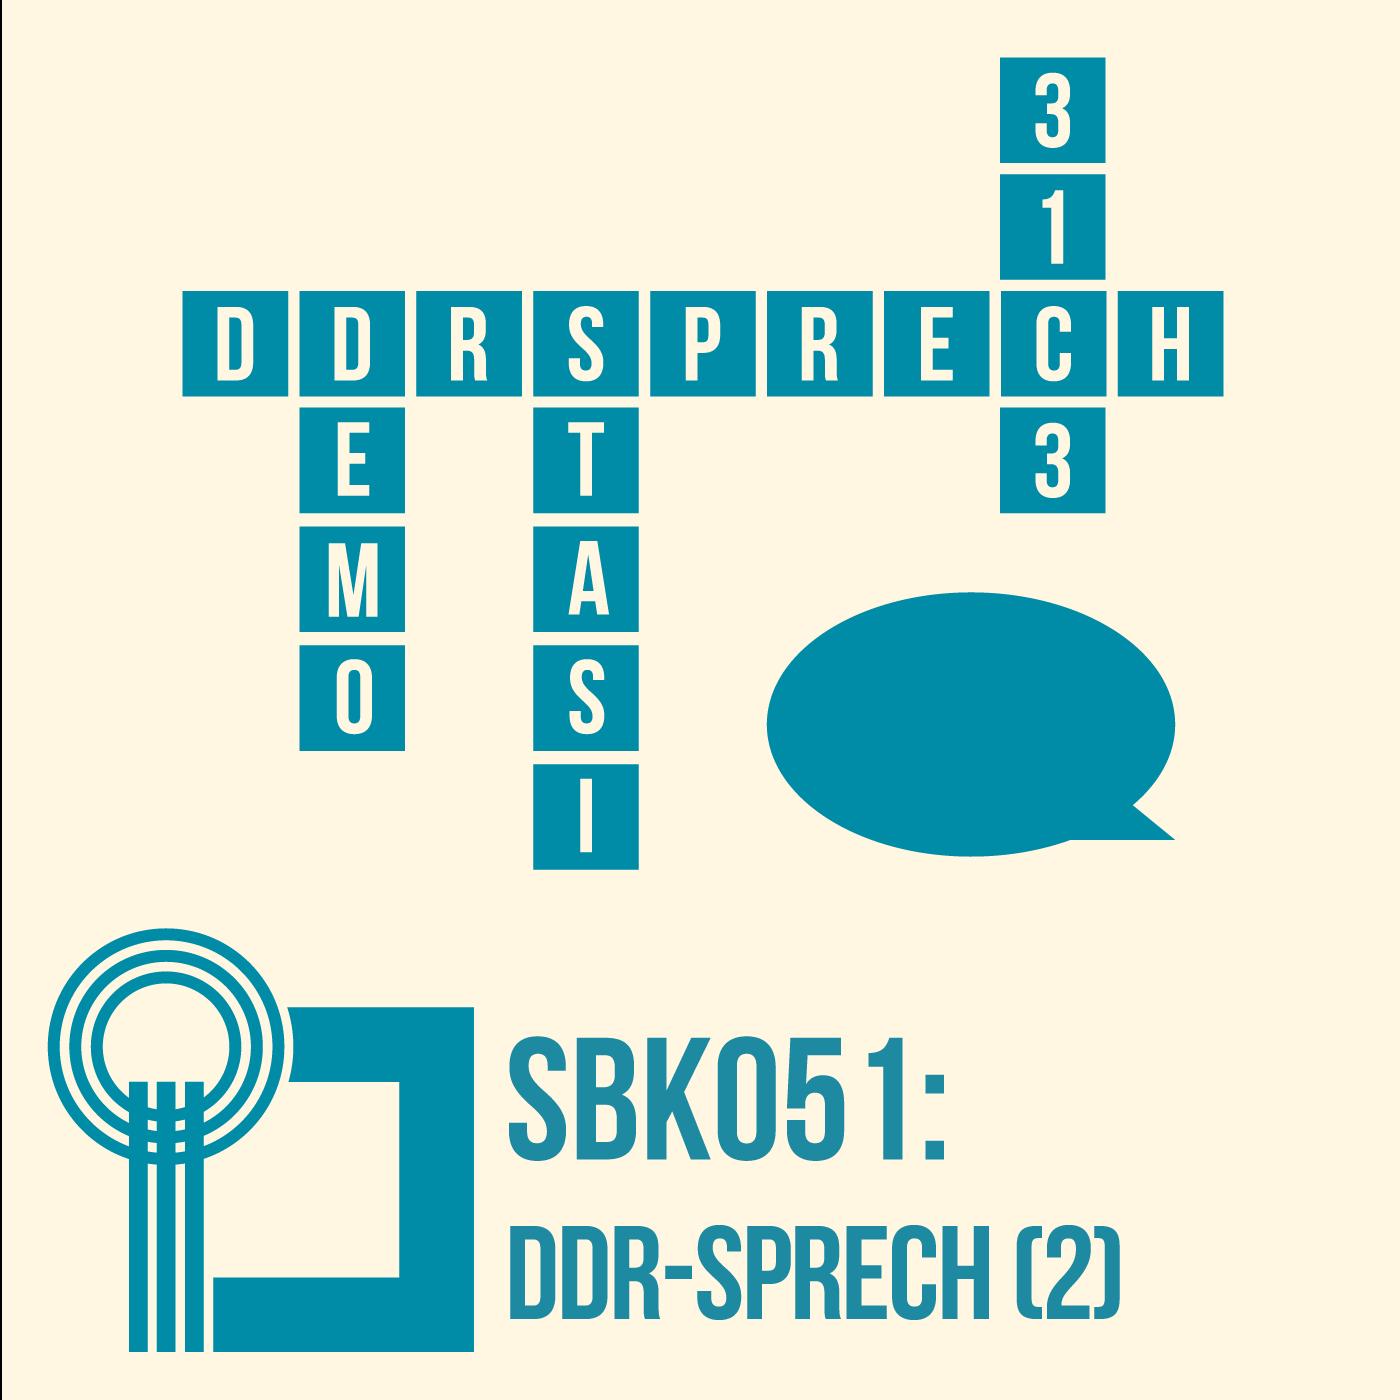 DDR-Sprech (2)